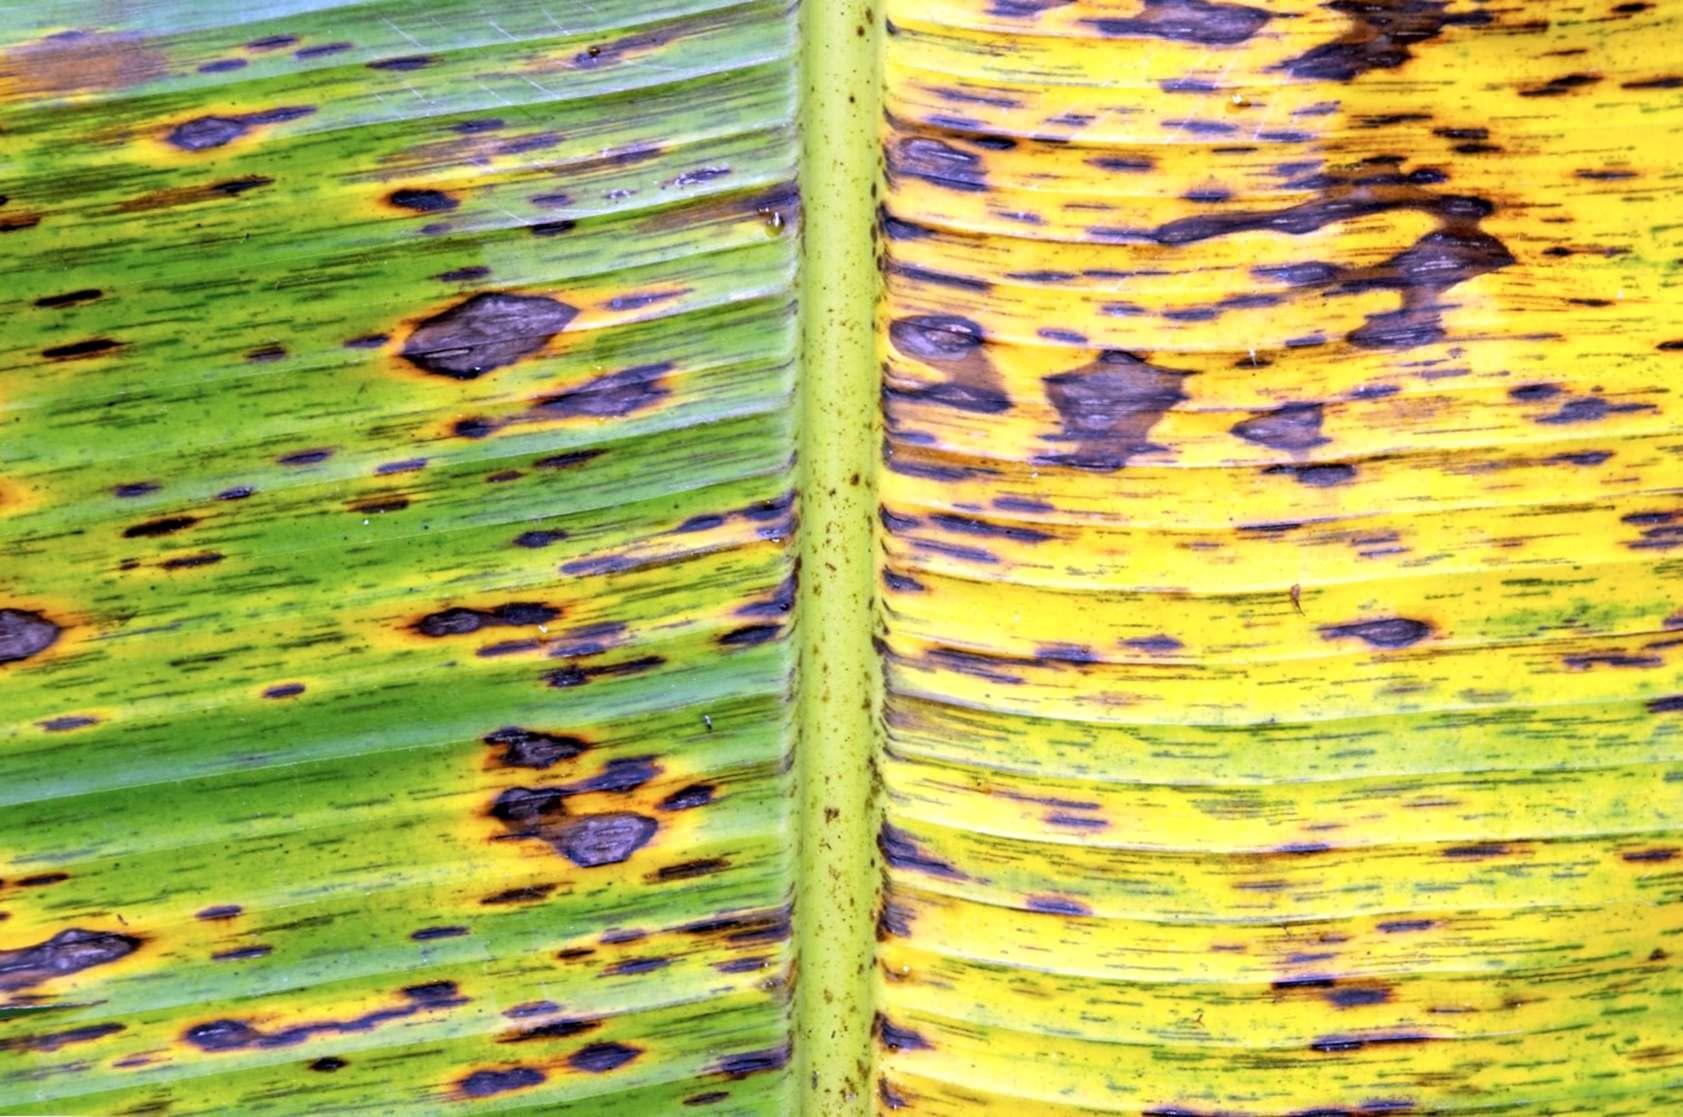 malattie causate da parassiti nelle piante